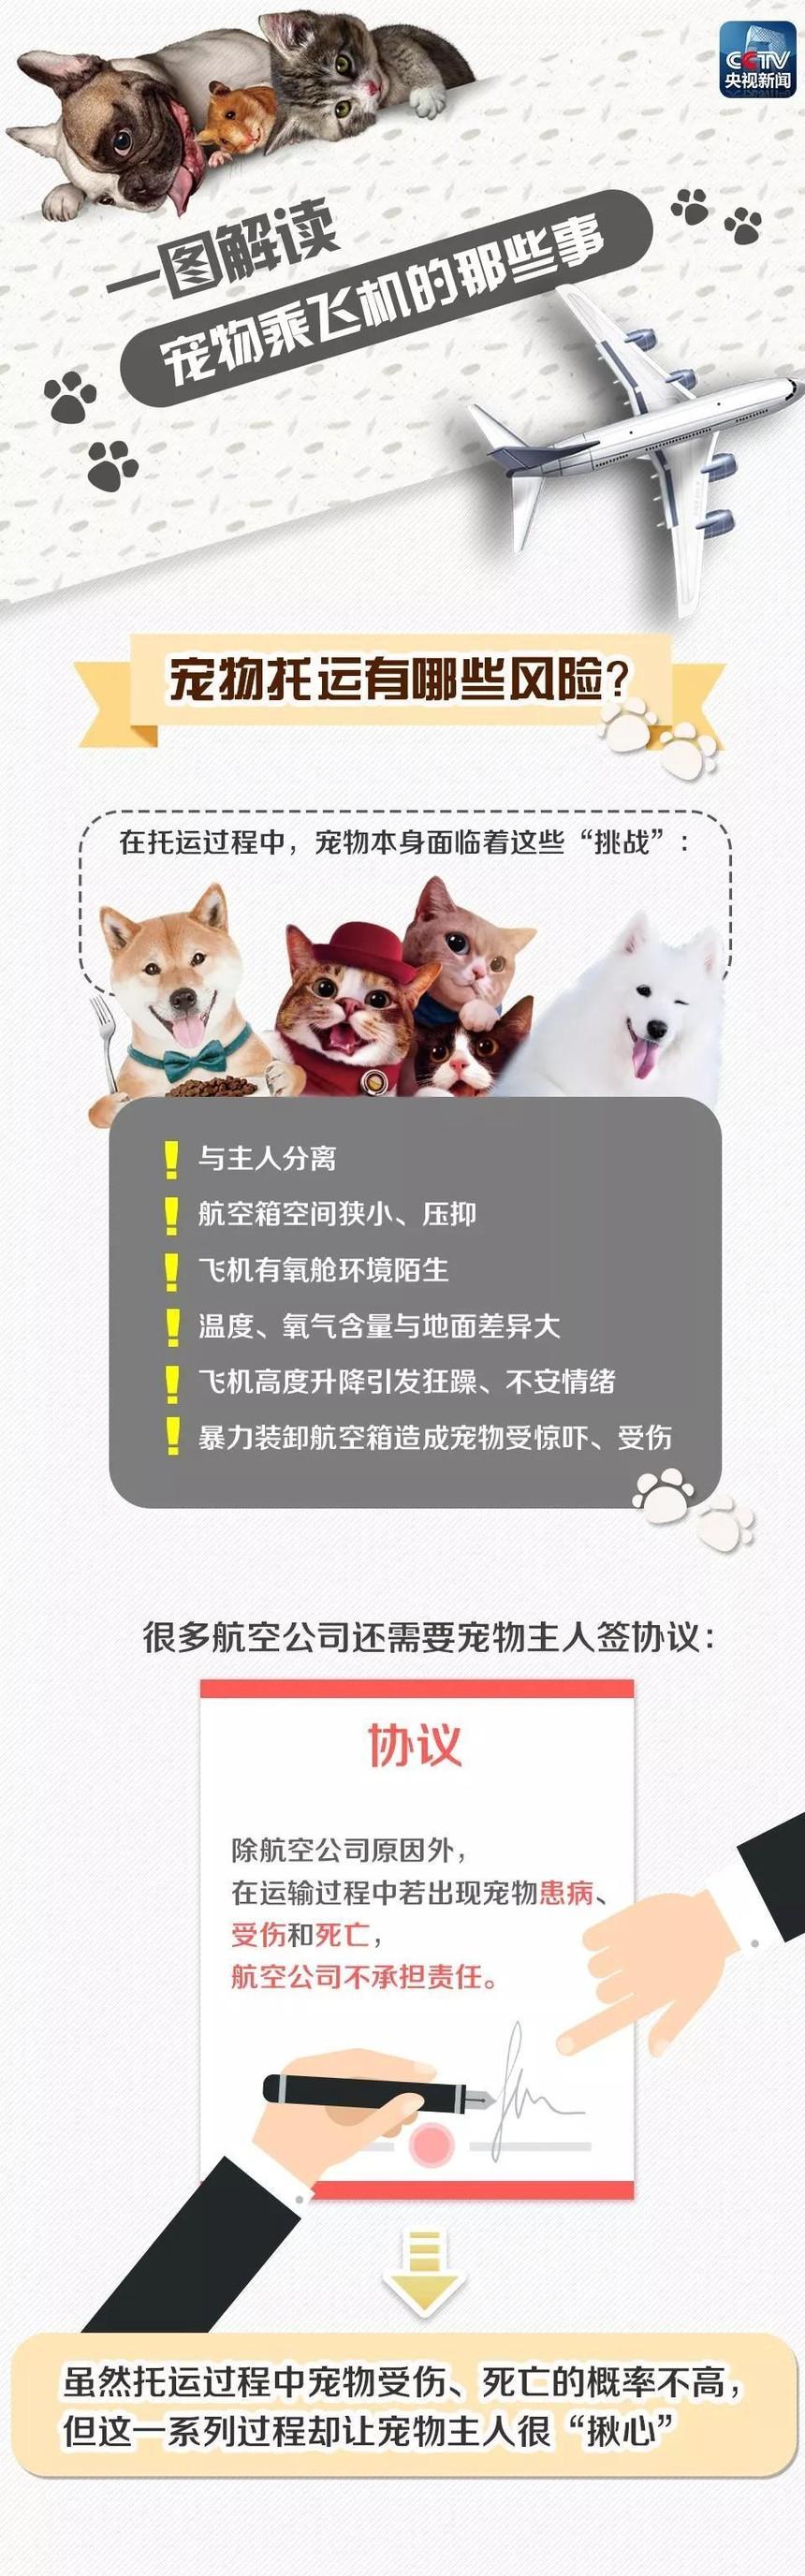 杭州宠物托运注意事项